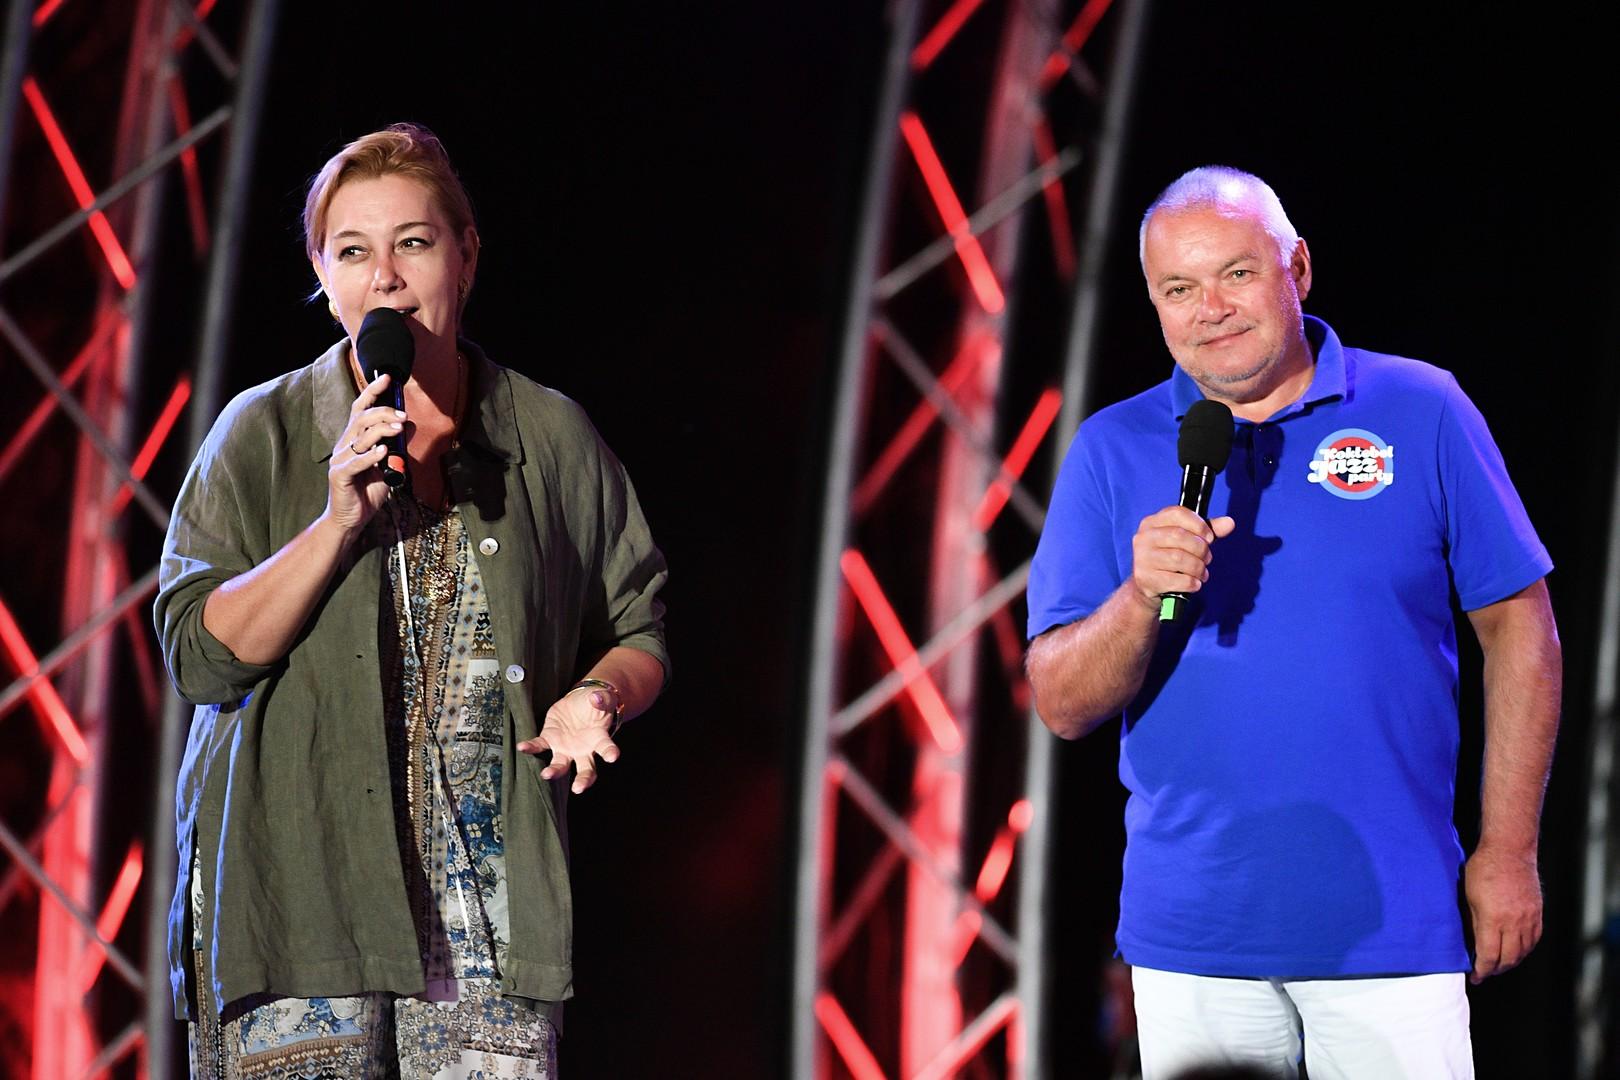 Russische Fernsehmoderatorin, Arina Scharapowa, und Gründer und Vorsitzender des Organisationskomitees von Koktebel Jazz Party, Dmitri Kisseljow